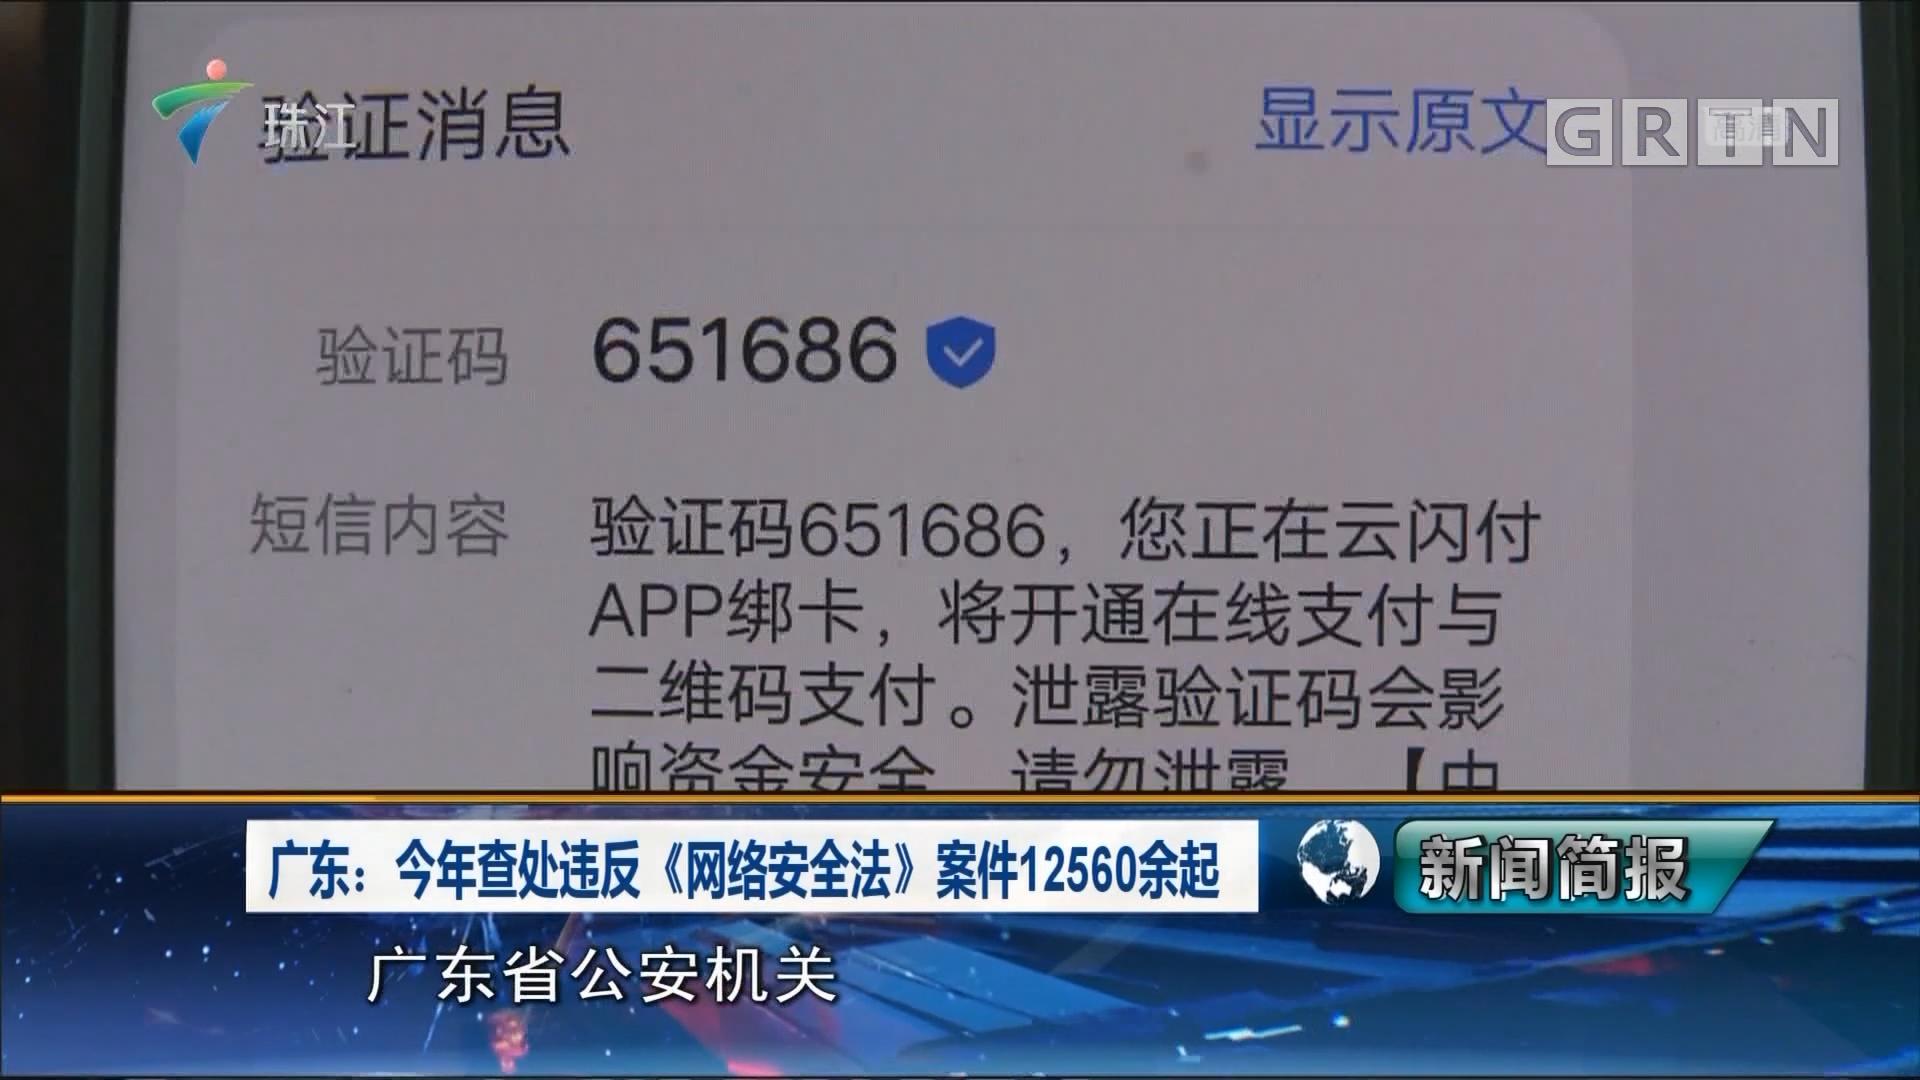 广东:今年查处违反《网络安全法》案件12560余起